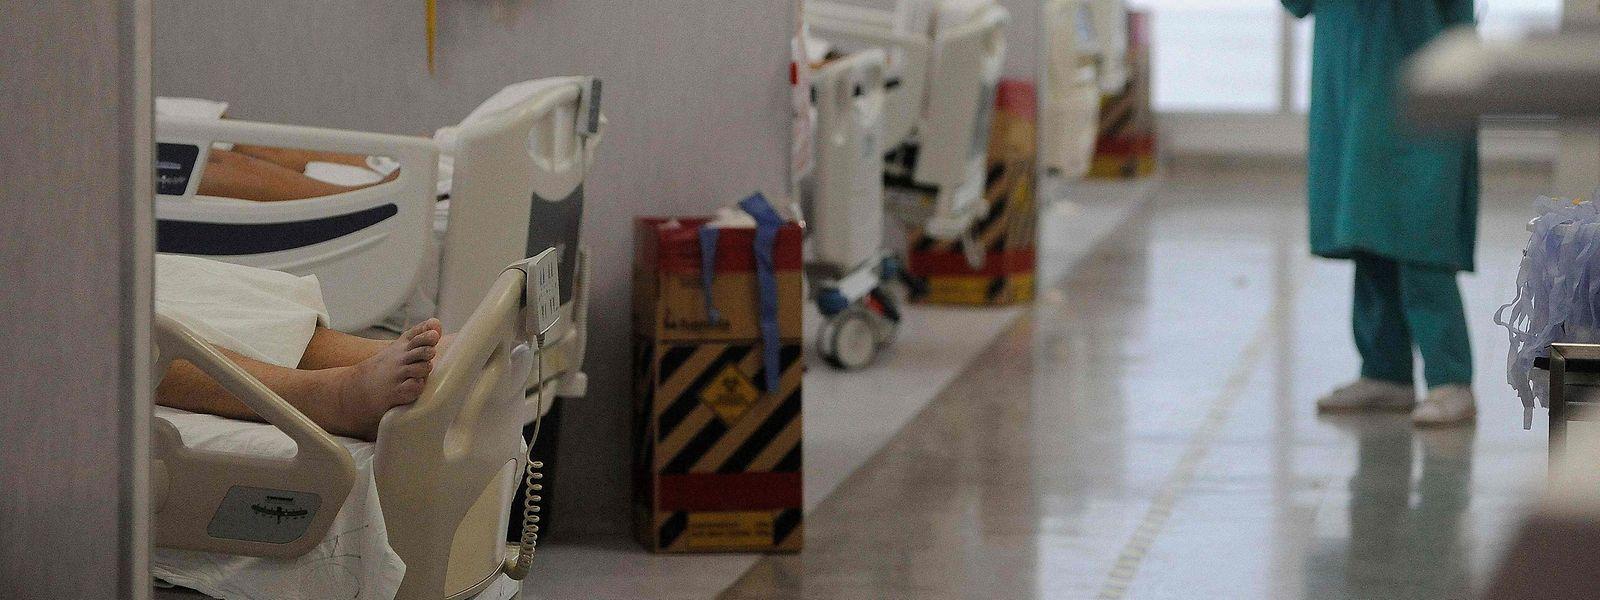 6.893 personnes sont soignées à l'hôpital actuellement dont 1.464 patients en soins intensifs.